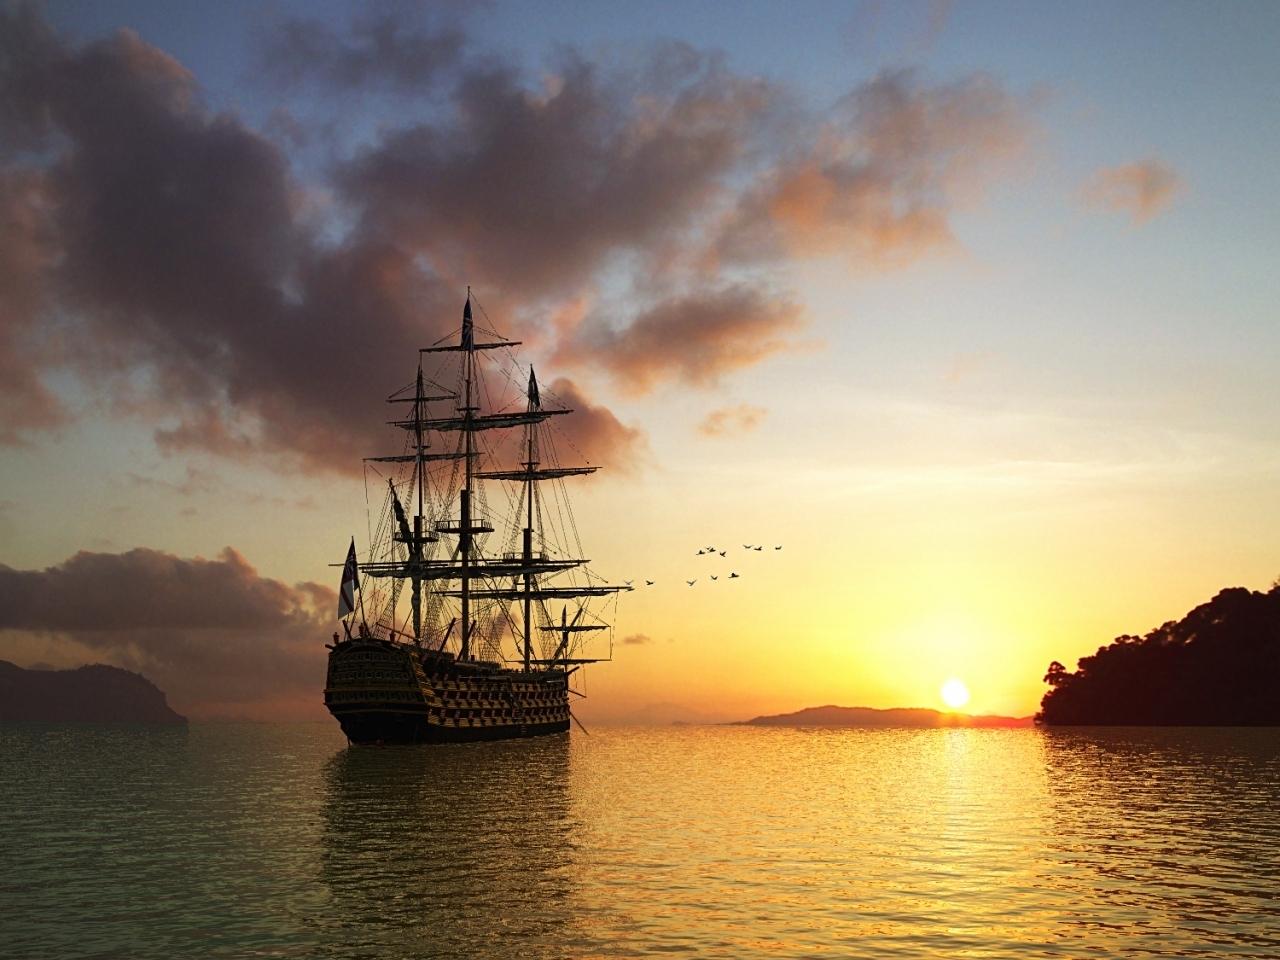 47988 скачать обои Транспорт, Пейзаж, Корабли, Море - заставки и картинки бесплатно